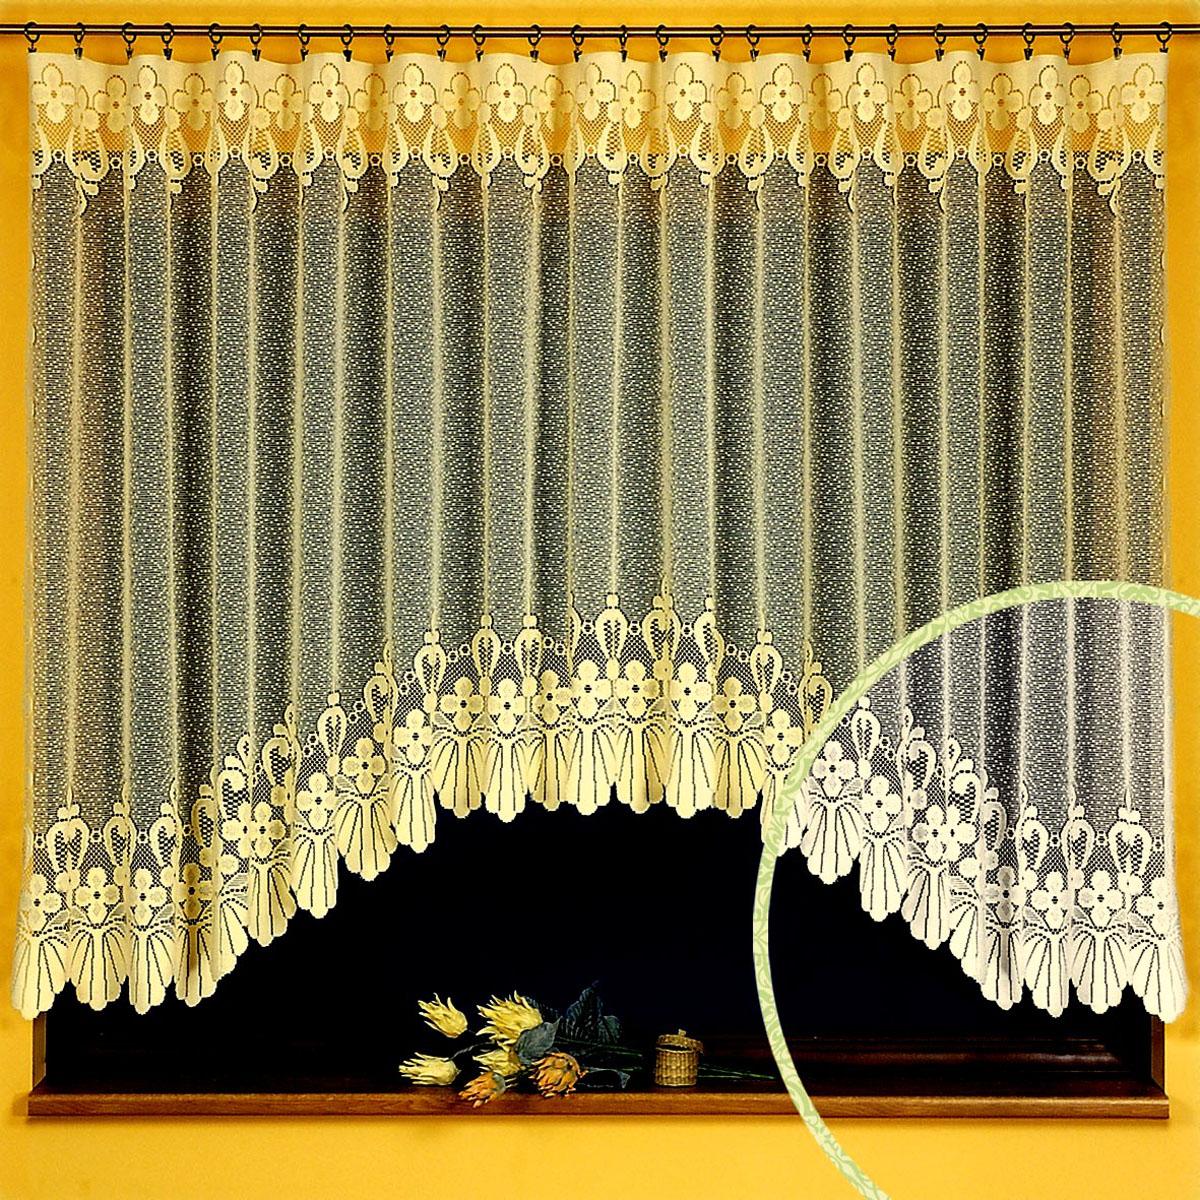 Гардина Ewa, цвет: белый, высота 150 см446803Гардина Ewa, выполненная из легкого полиэстера белого цвета, станет великолепным украшением любого окна. Тонкое плетение, оригинальный дизайн и нежная цветовая гамма привлекут внимание и украсят интерьер помещения. Гардина крепится к карнизу только с помощью зажимов (в комплект не входят). Характеристики:Материал: 100% полиэстер. Цвет: белый. Размер упаковки:24 см х 33 см х 6 см. Артикул: 446803.В комплект входит: Гардина - 1 шт. Размер (ШхВ): 350 см х 150 см. Фирма Wisan на польском рынке существует уже более пятидесяти лет и является одной из лучших польских фабрик по производству штор и тканей. Ассортимент фирмы представлен готовыми комплектами штор для гостиной, детской, кухни, а также текстилем для кухни (скатерти, салфетки, дорожки, кухонные занавески). Модельный ряд отличает оригинальный дизайн, высокое качество. Ассортимент продукции постоянно пополняется.УВАЖАЕМЫЕ КЛИЕНТЫ!Обращаем ваше внимание на цвет изделия. Цветовой вариант гардины, данной в интерьере, служит для визуального восприятия товара. Цветовая гамма данной гардины представлена на отдельном изображении фрагментом ткани.